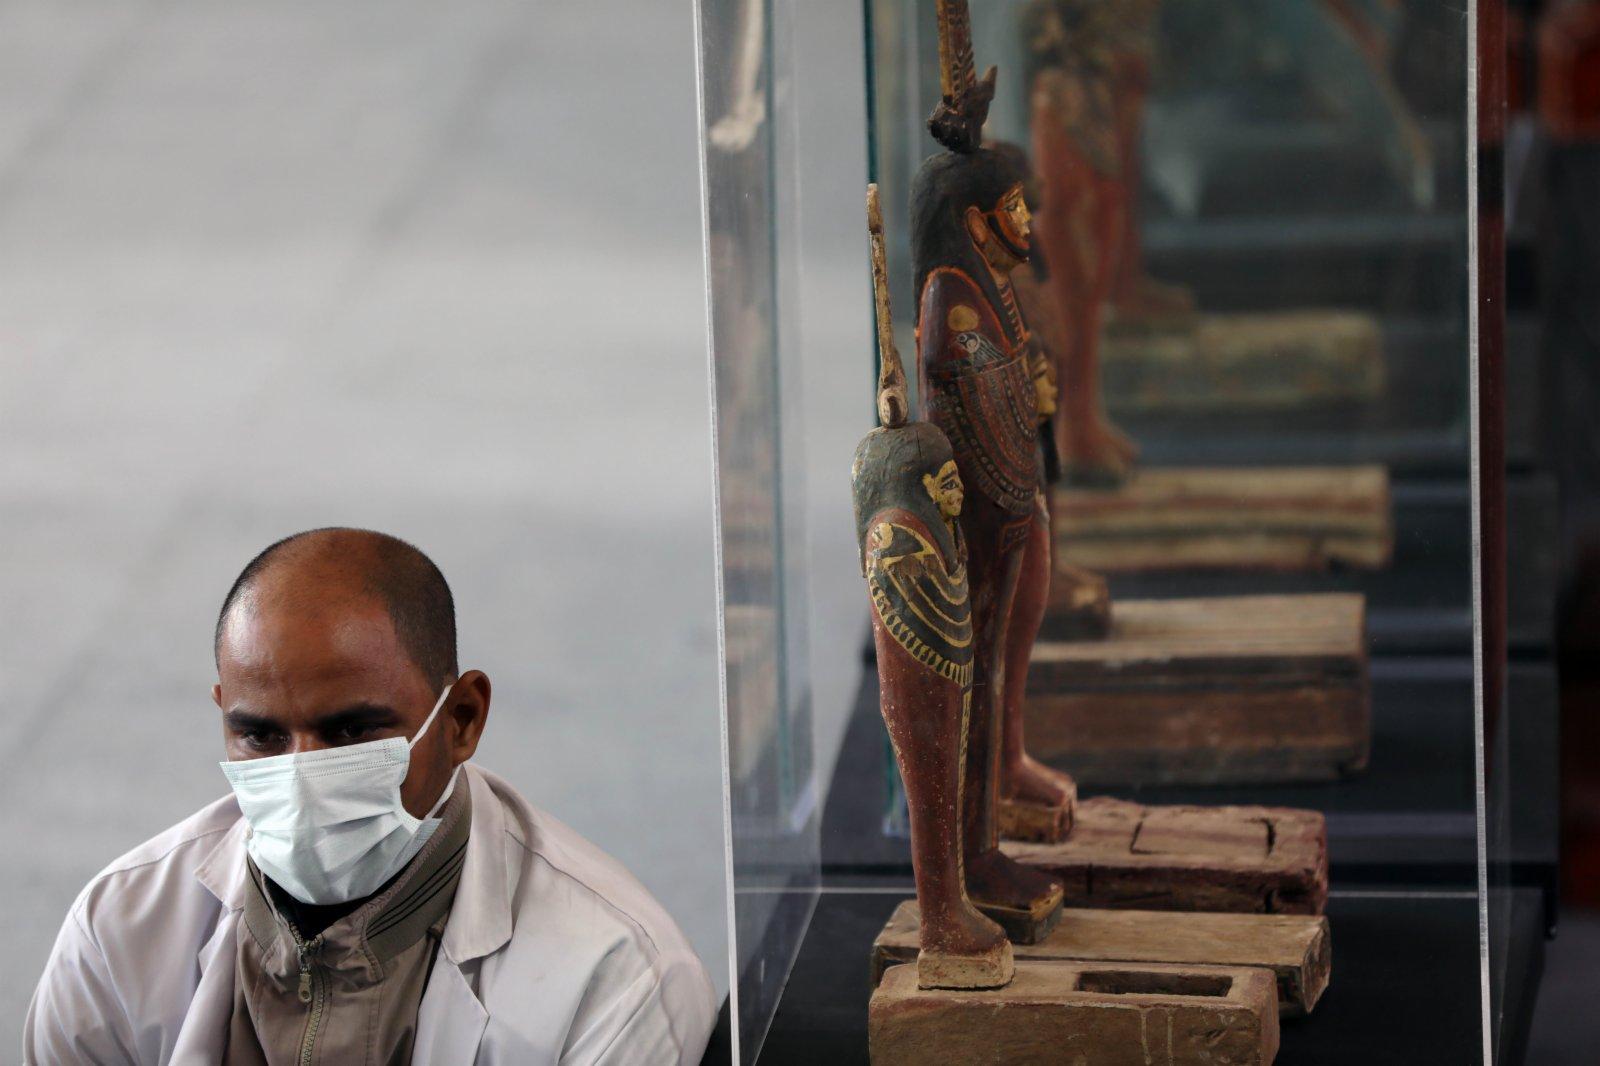 11月14日,在埃及吉薩,一名工作人員在彩繪木棺發現現場工作。(新華社)